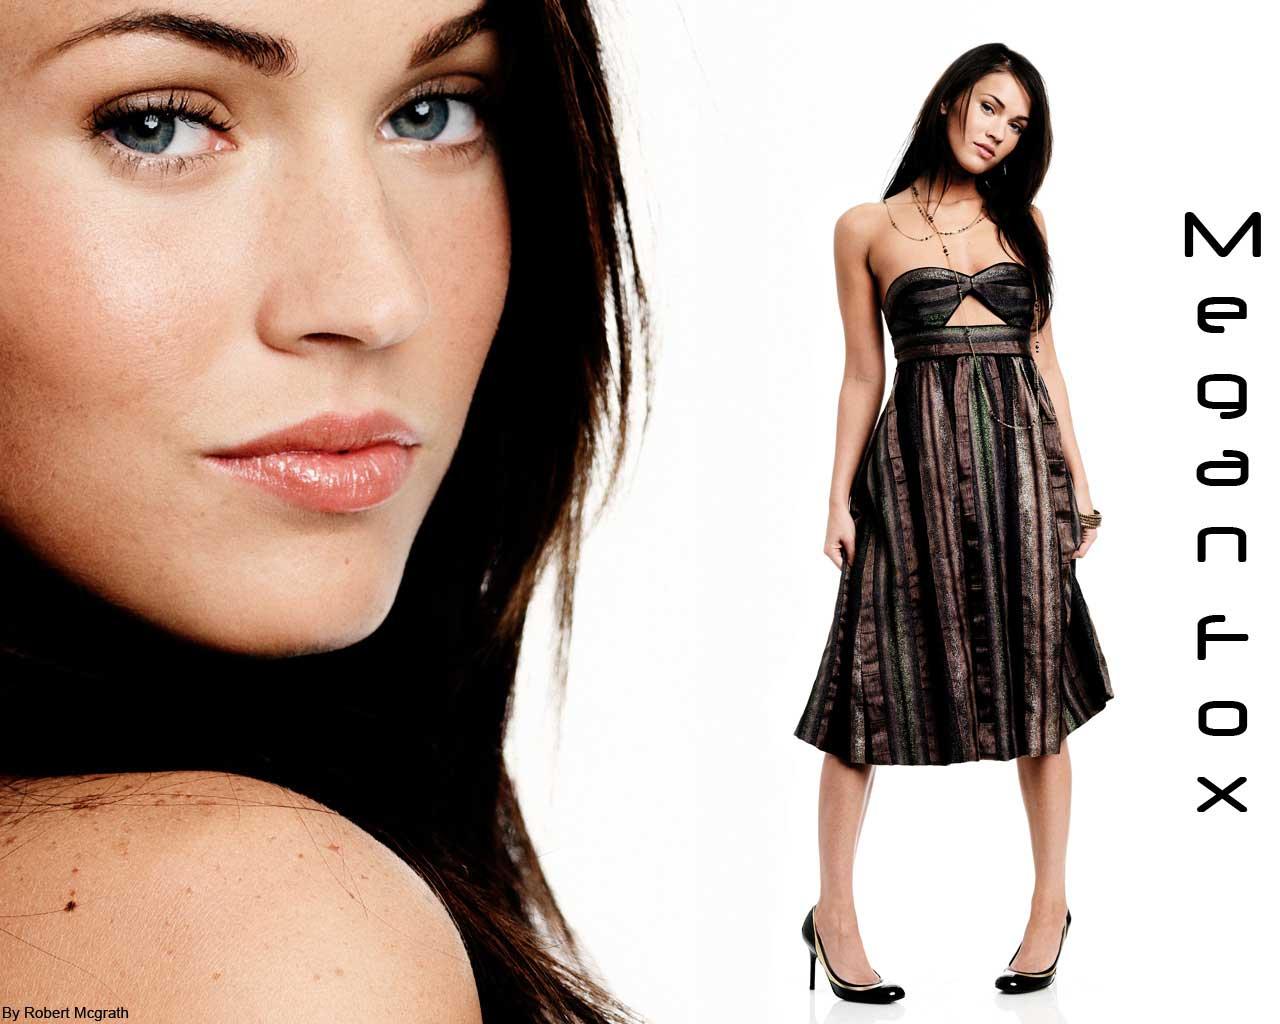 http://3.bp.blogspot.com/-PqtVt9OG7eE/UNtnxY3_b3I/AAAAAAAABbg/ccObd9a1h3I/s1600/wallpaper-Megan_Fox-03.jpg